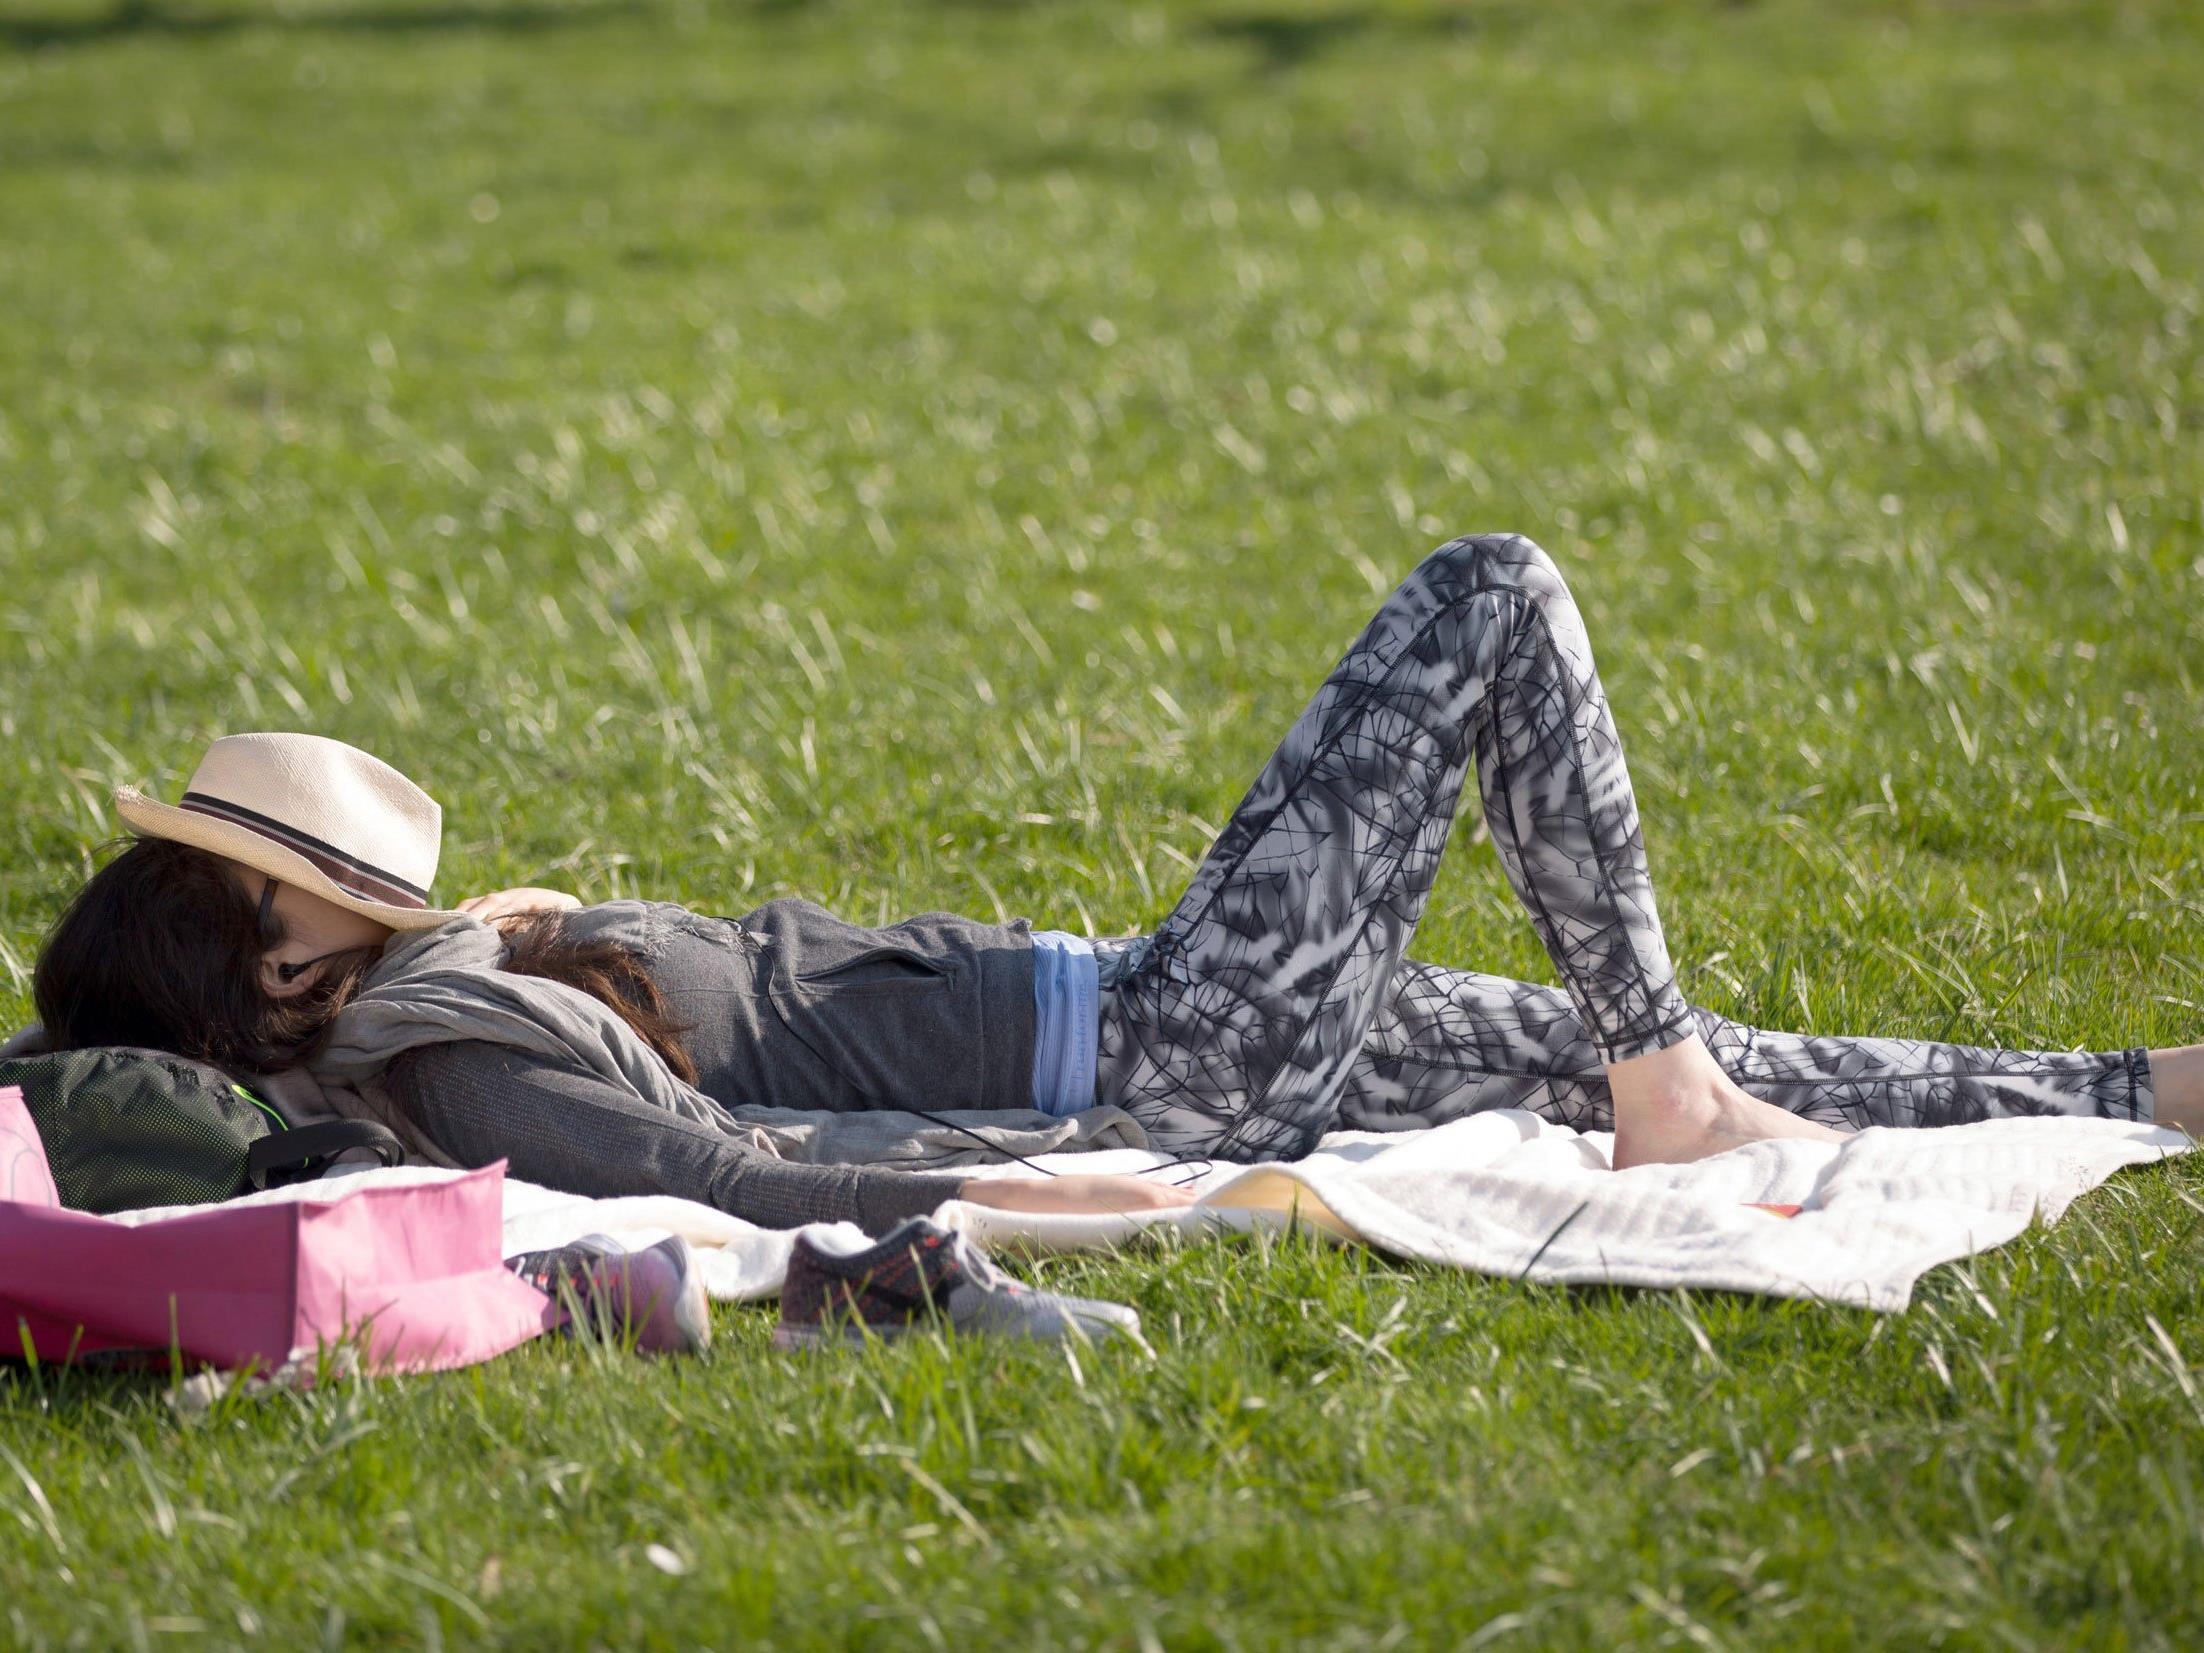 Laut ZAMG steht dem gemütlichen Sonnenbad ab Donnerstag nichts mehr im Weg.